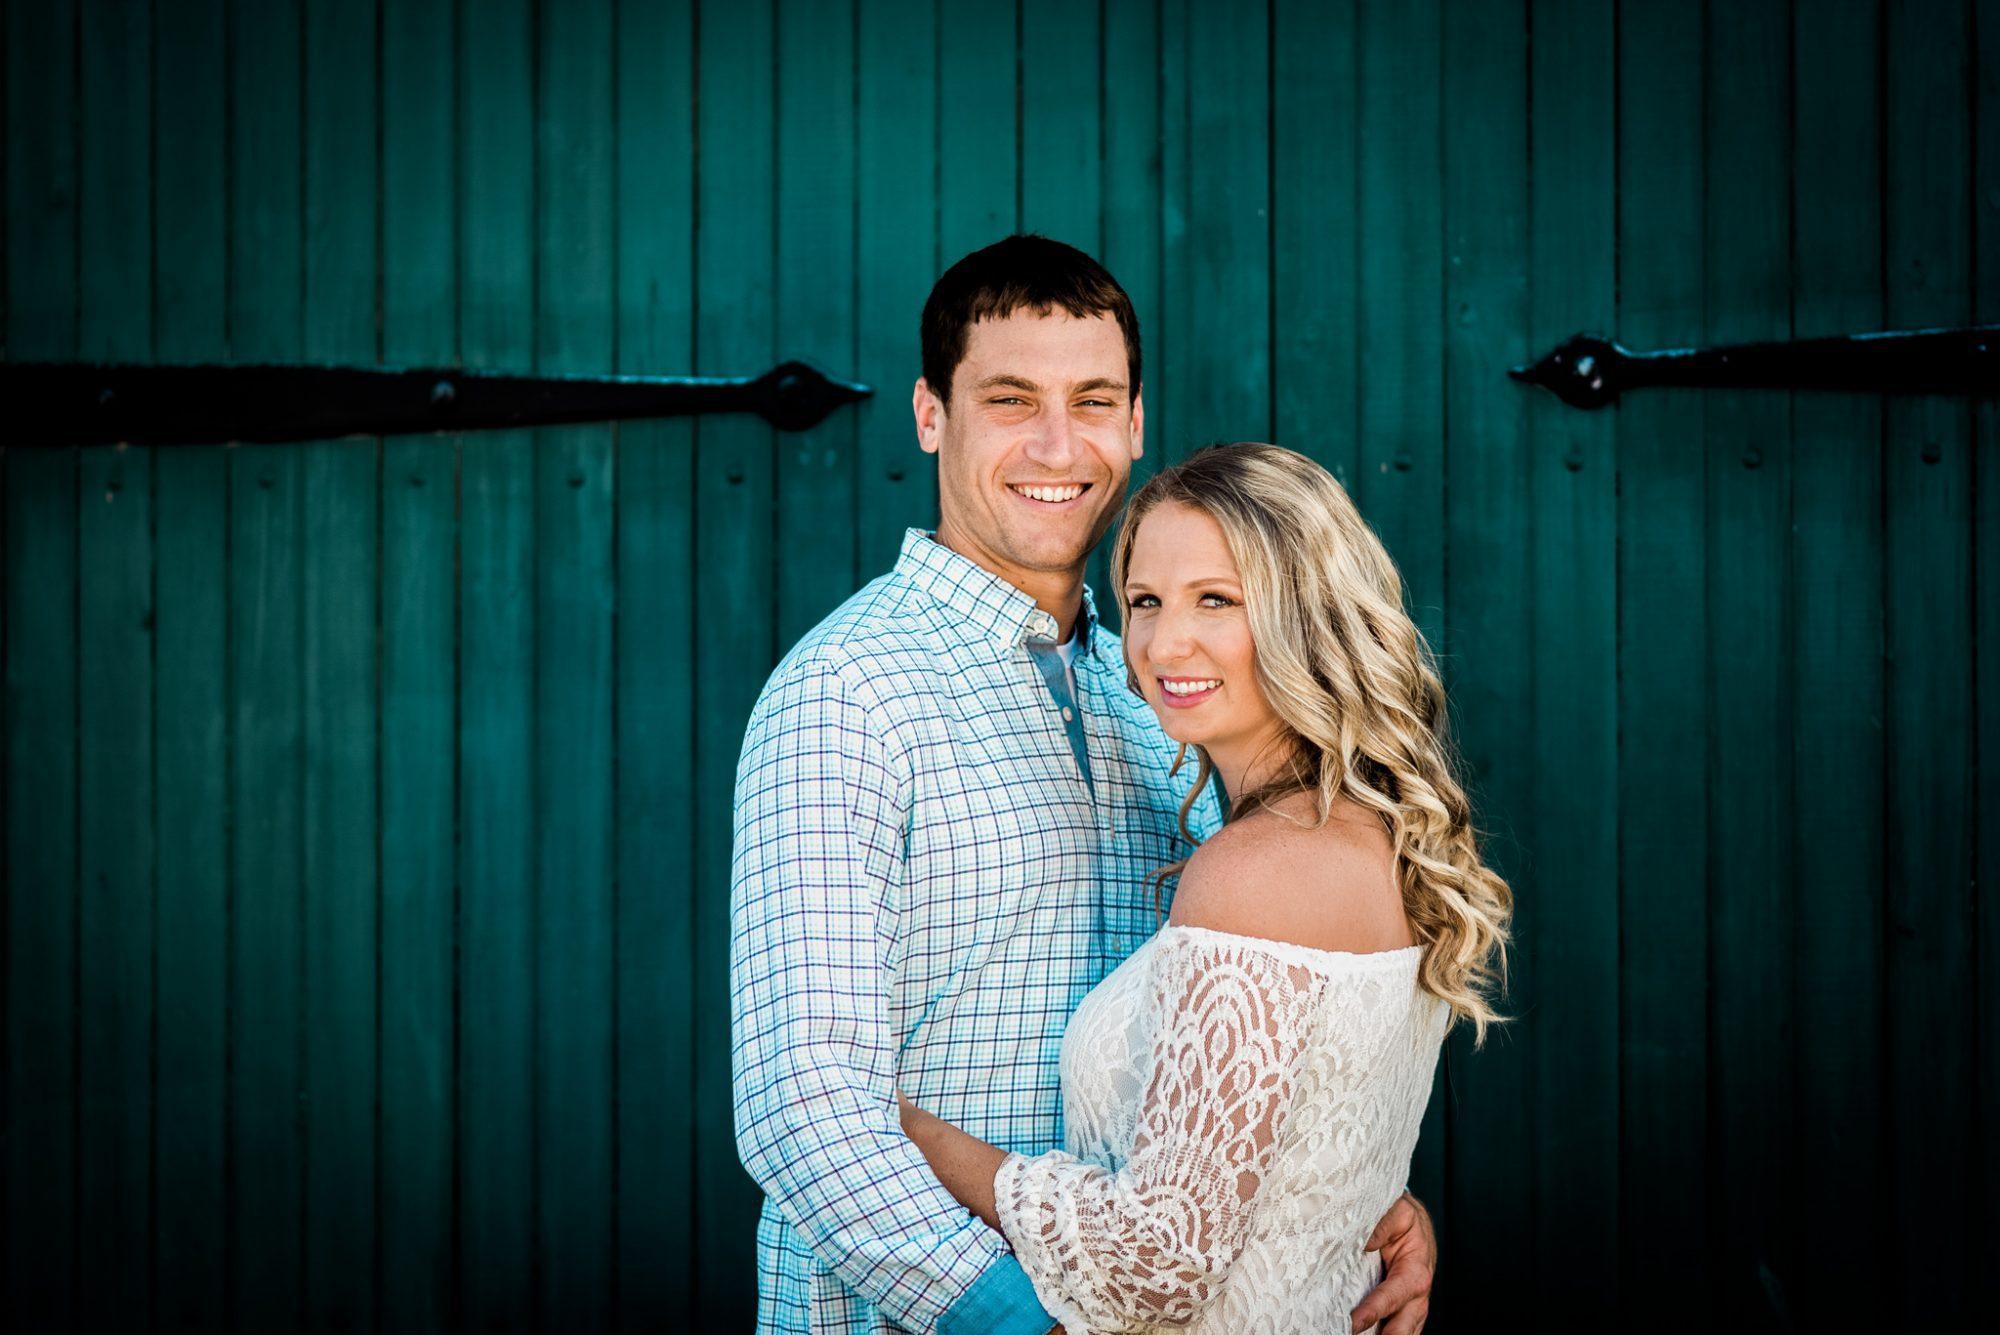 Key West Wedding Photographer - Key West Engagement Photography-4